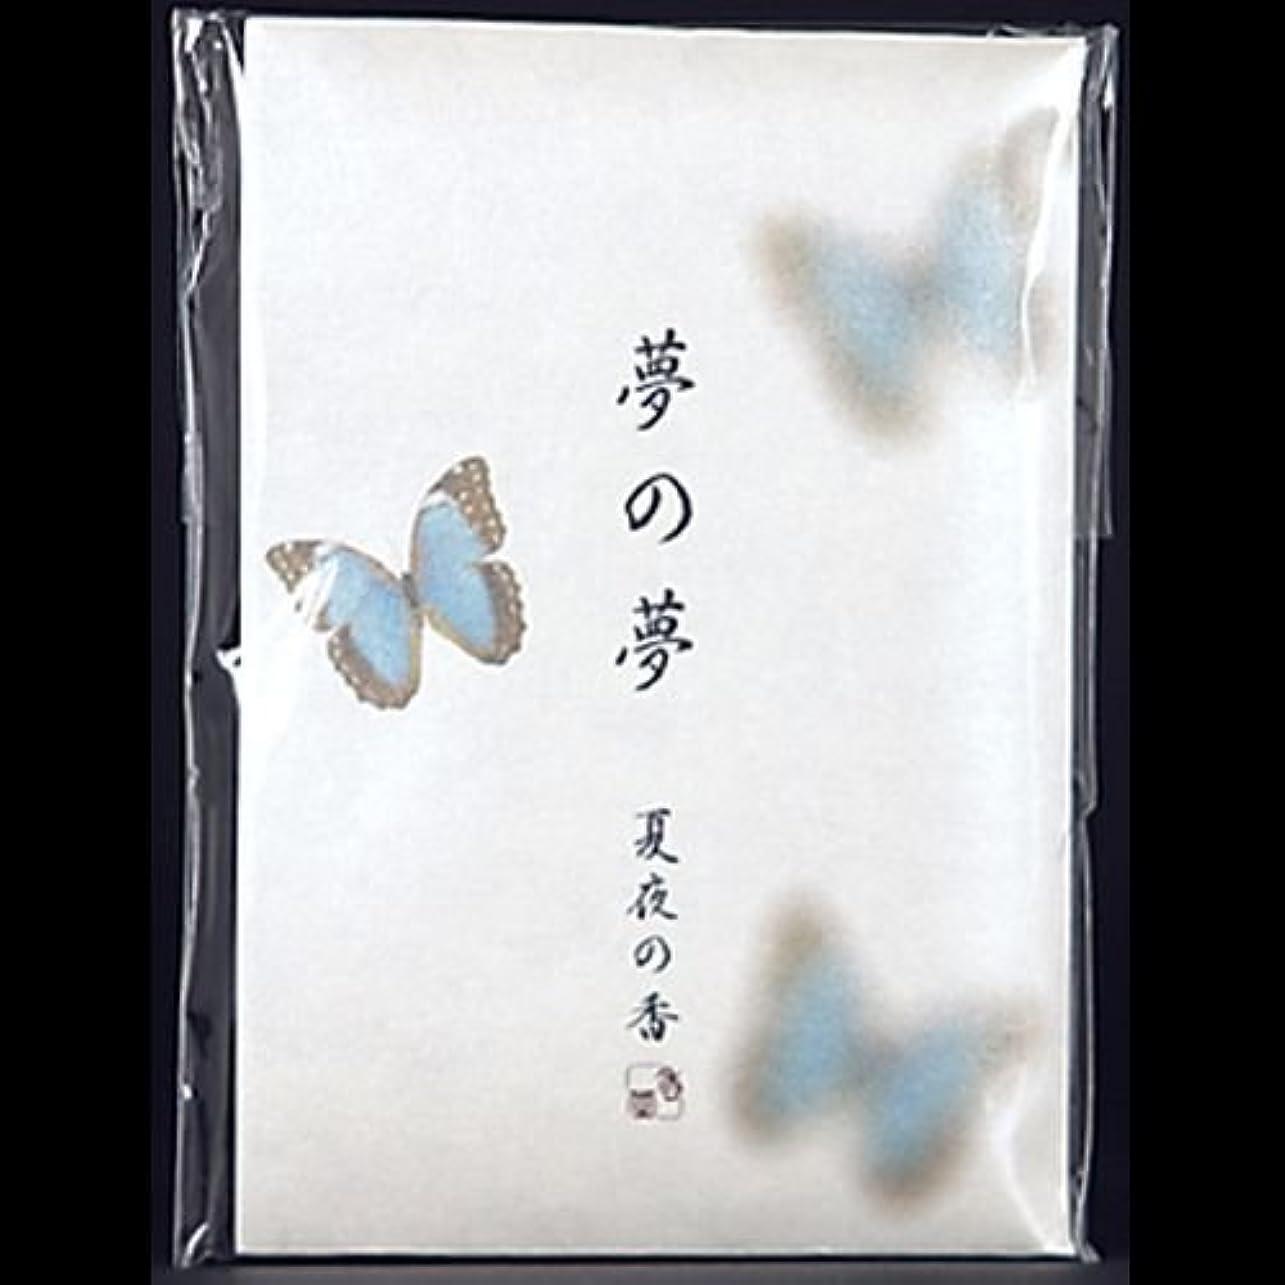 リズミカルな不定ちらつき【まとめ買い】夢の夢 夏夜の香 (蝶々) スティック12本入 ×2セット